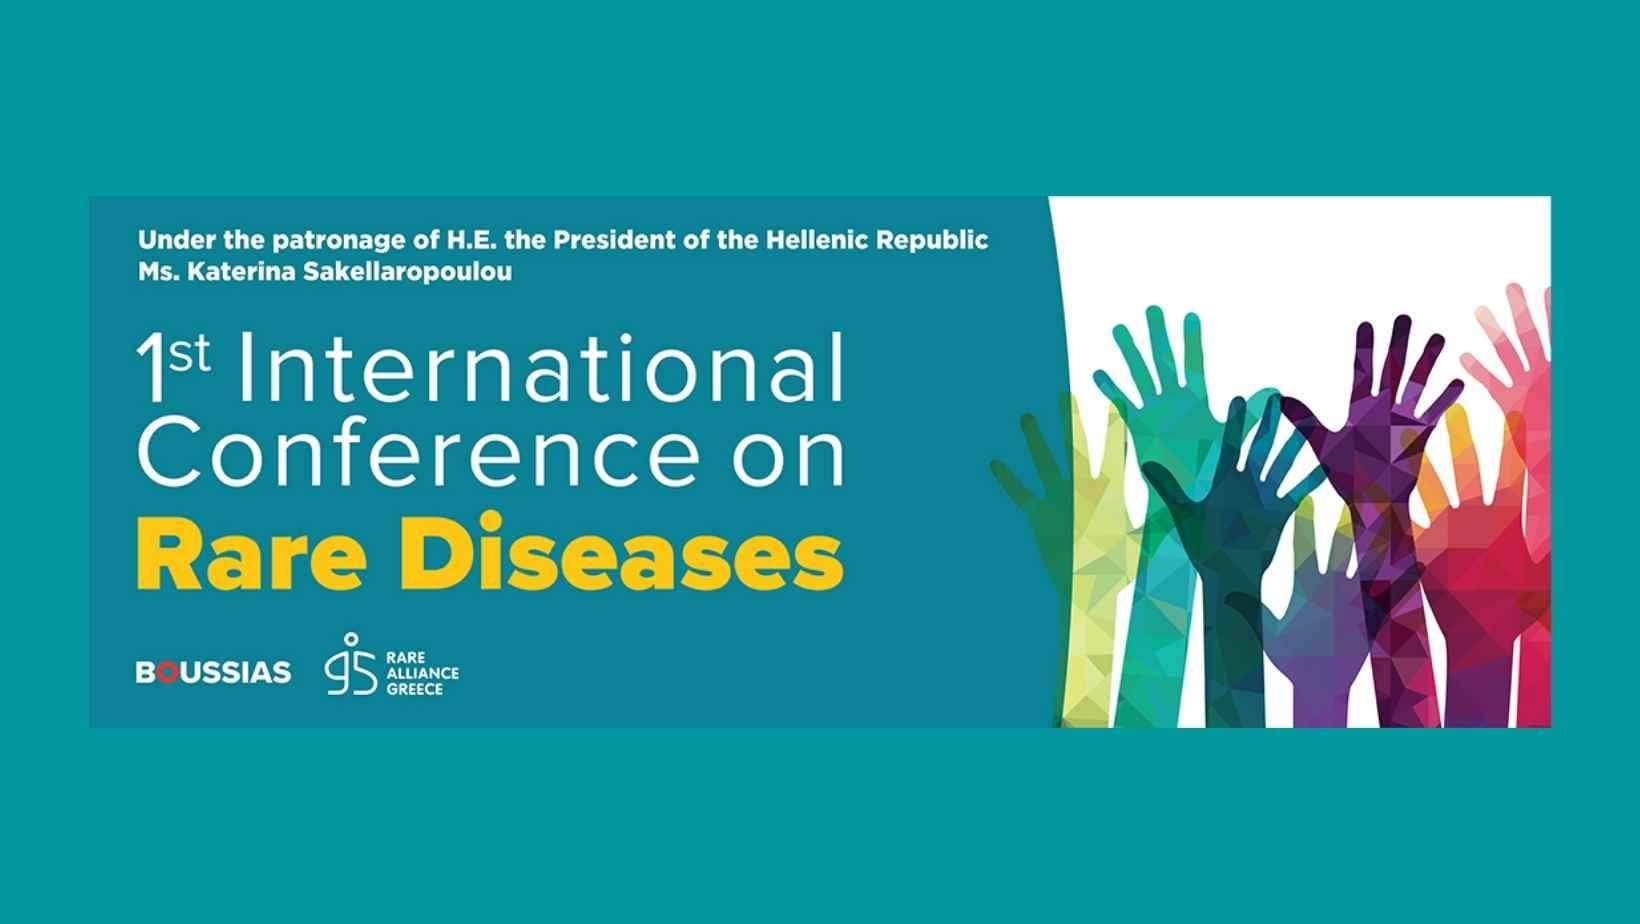 1ο Διεθνές Συνέδριο για τις Σπάνιες Παθήσεις